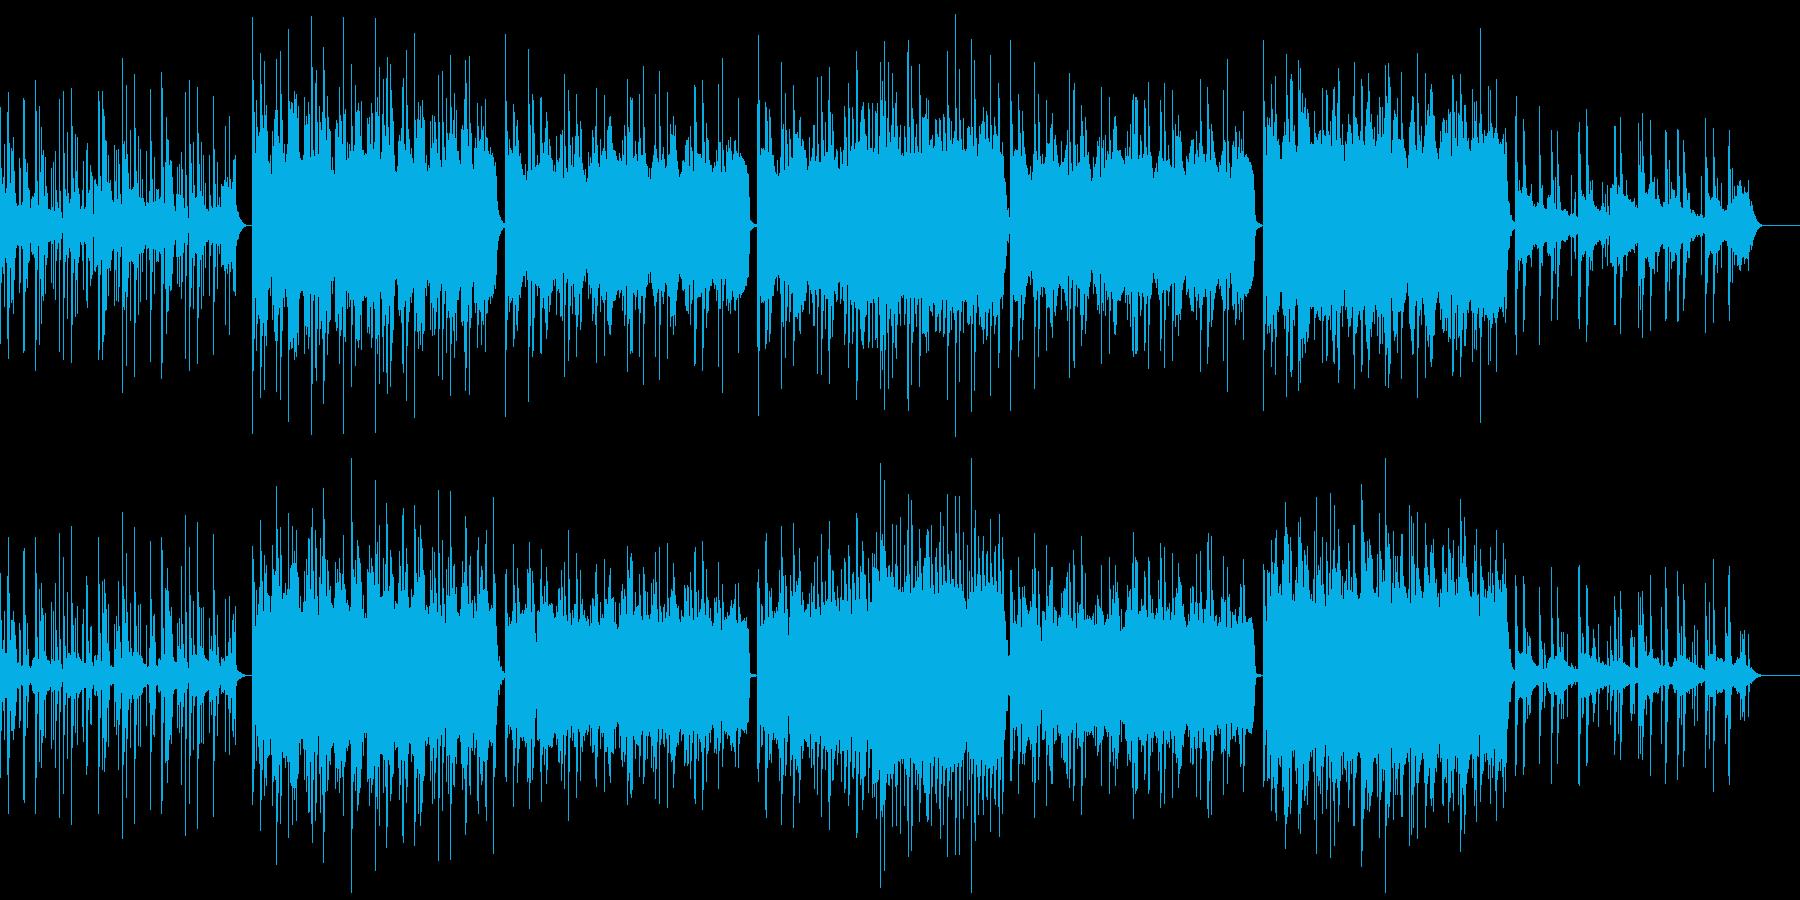 安らぎ・くつろぎ・休息・チルアウトの再生済みの波形